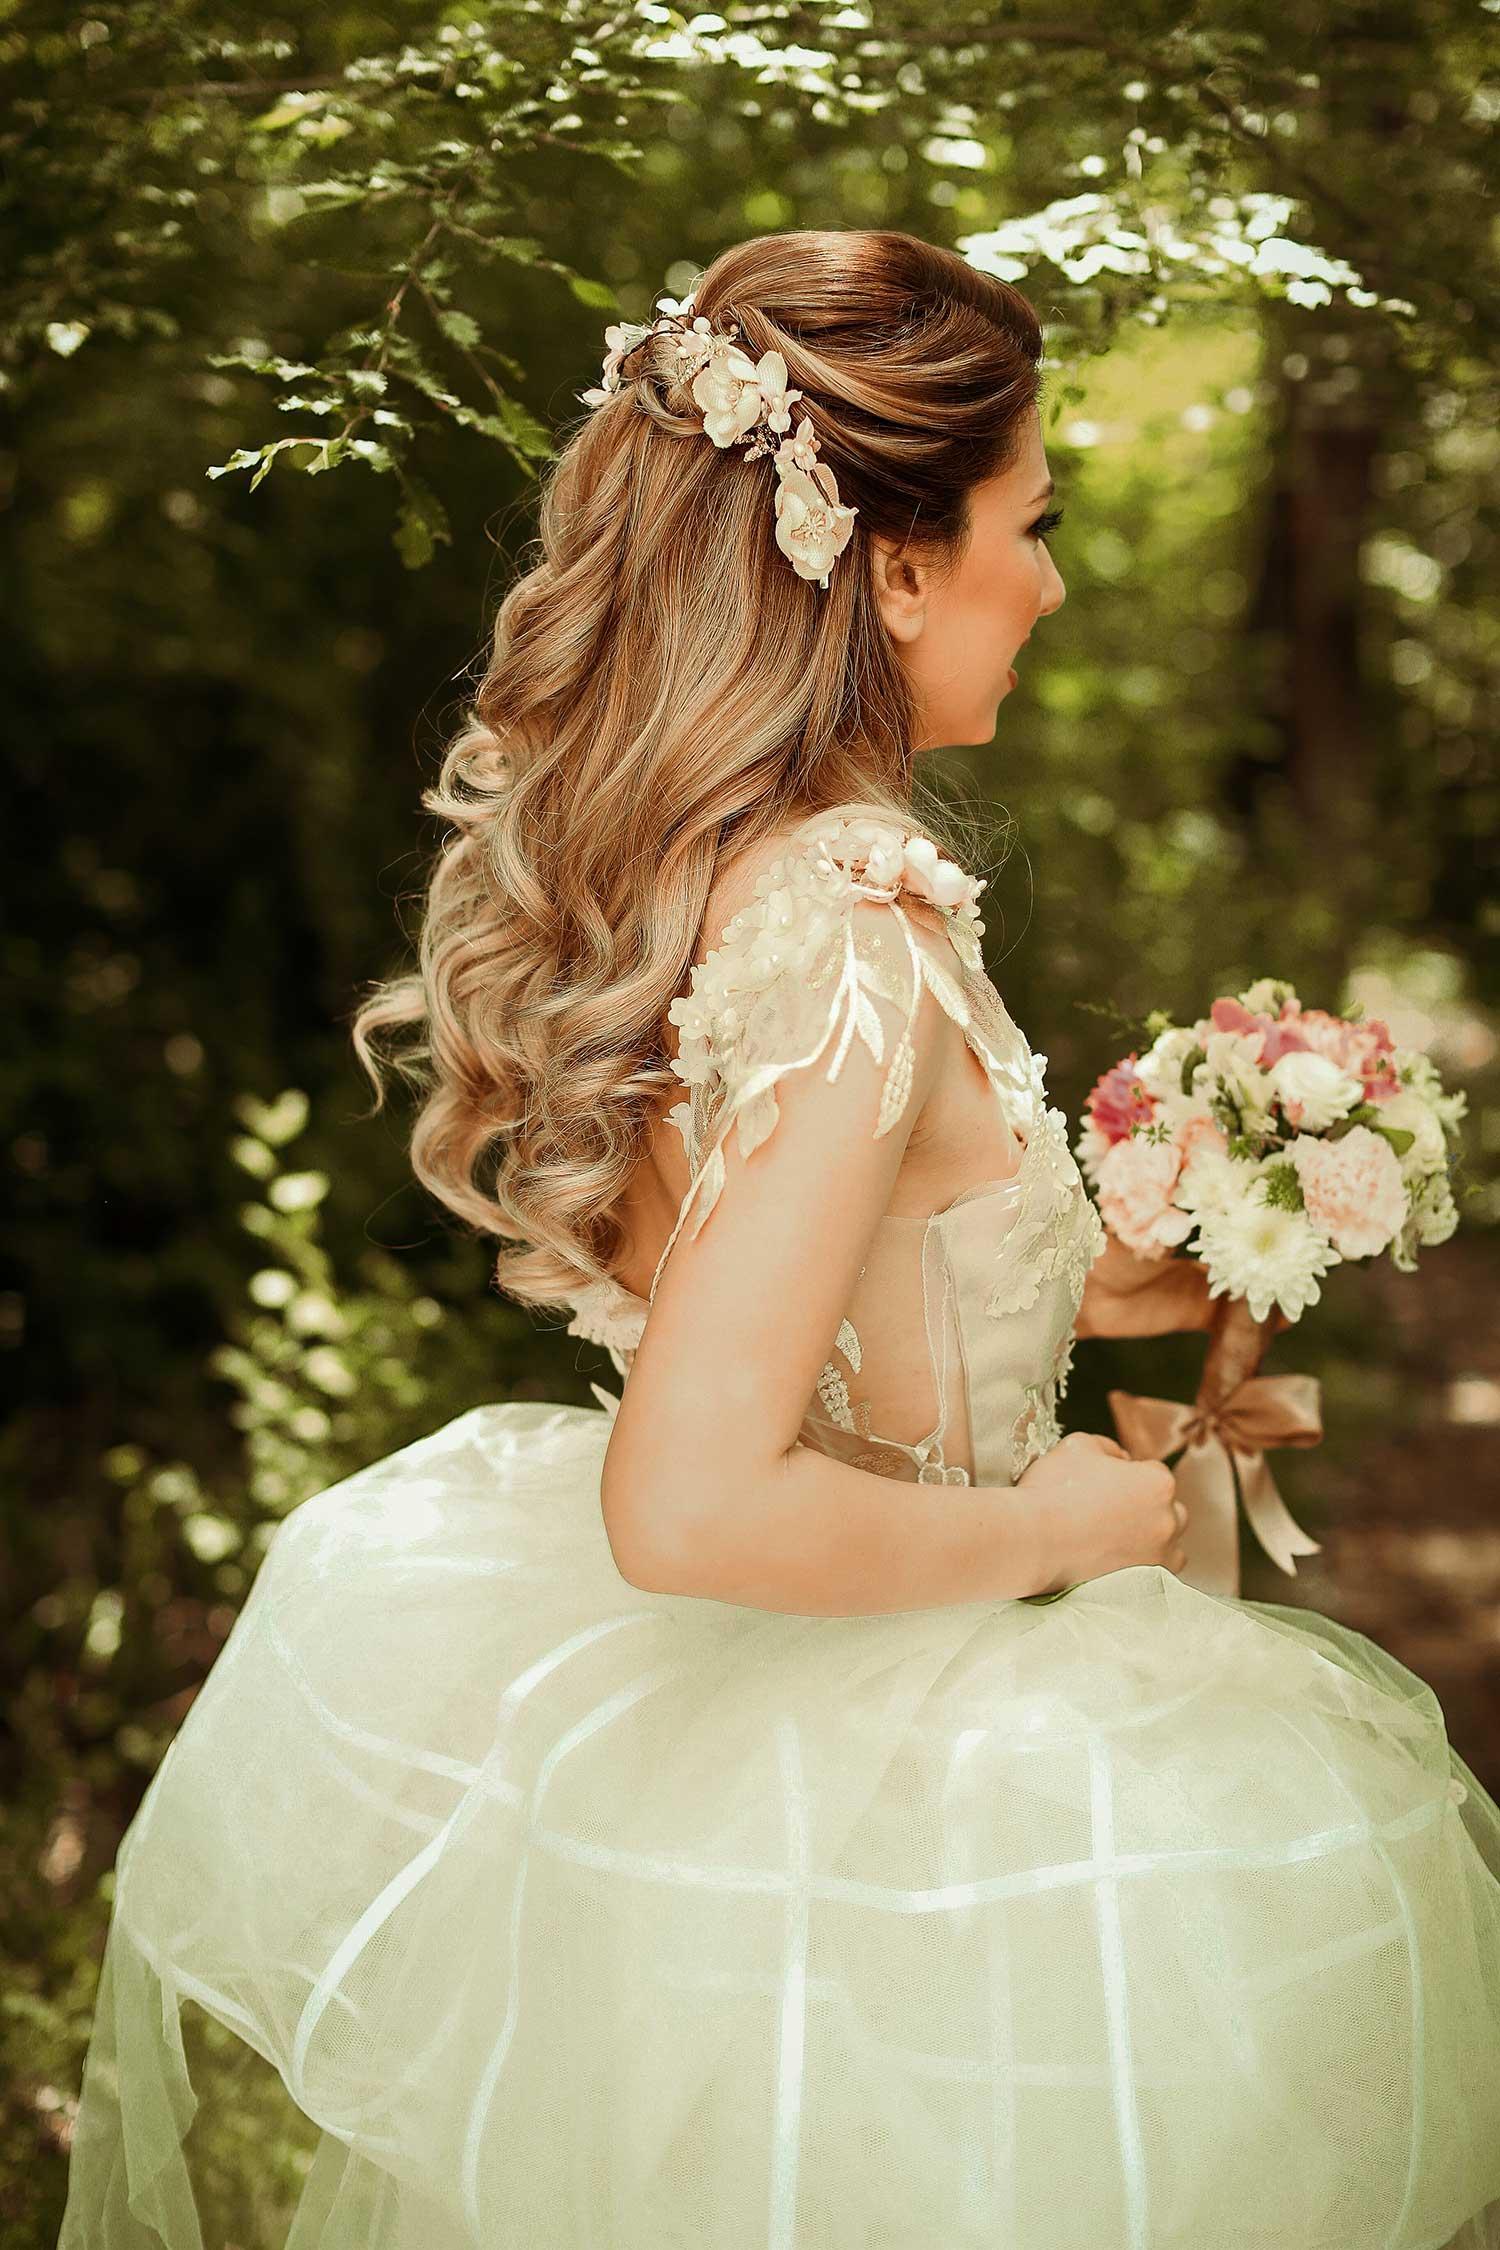 Floral bridal details